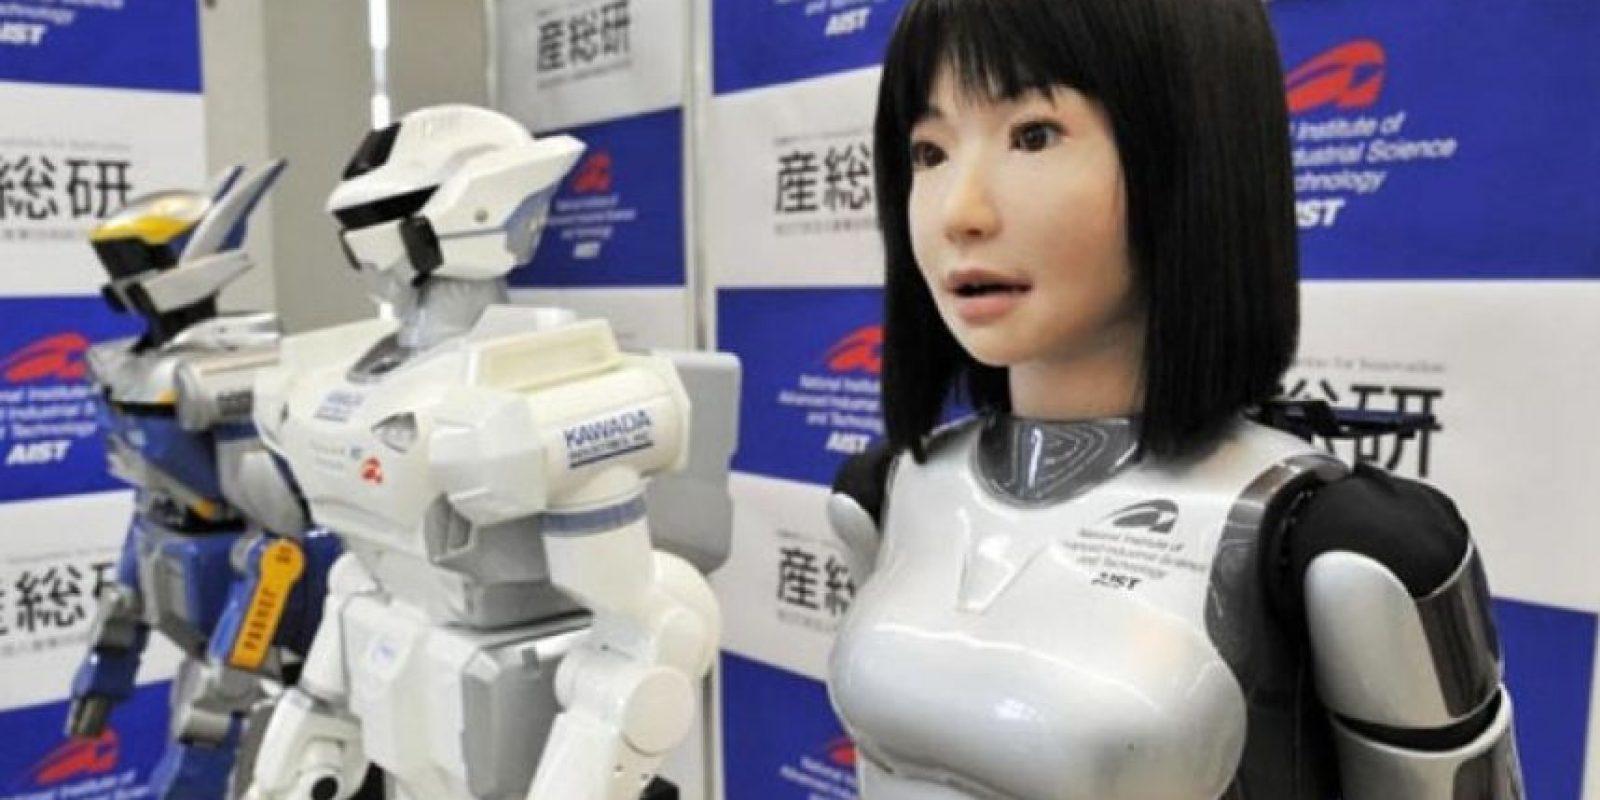 HRP-4C. Con aspecto de una niña este humanoide cuenta con 42 motores de movimiento programado para imitar los movimientos de los modelos de carne y hueso. Foto:Getty Images